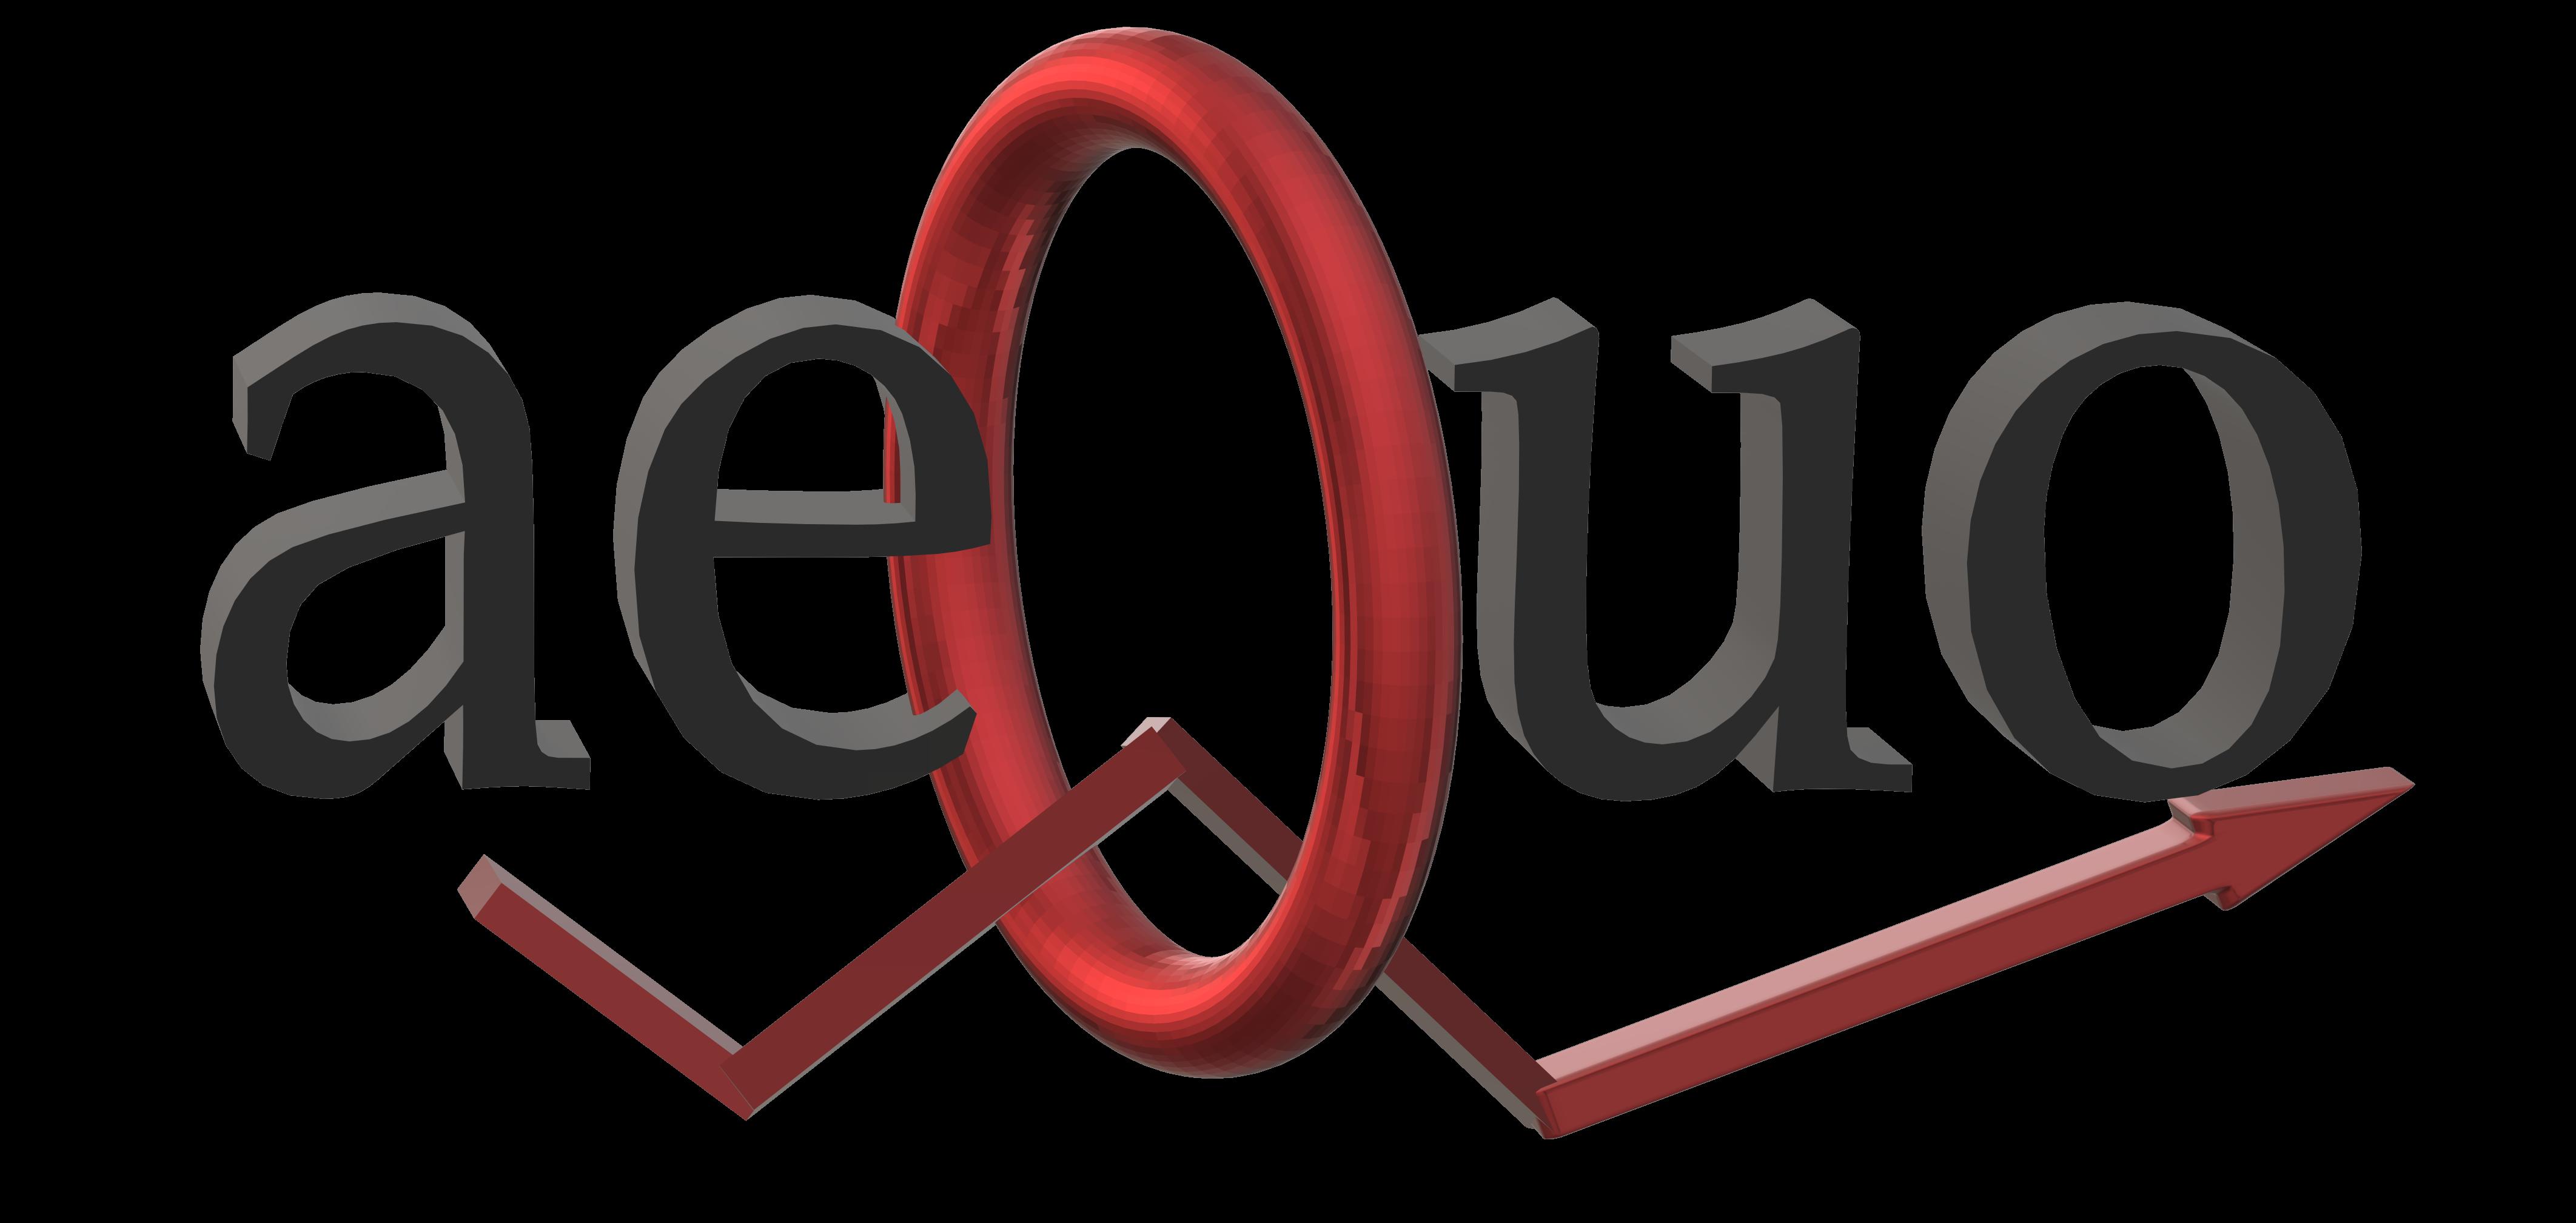 Aequo Solutions